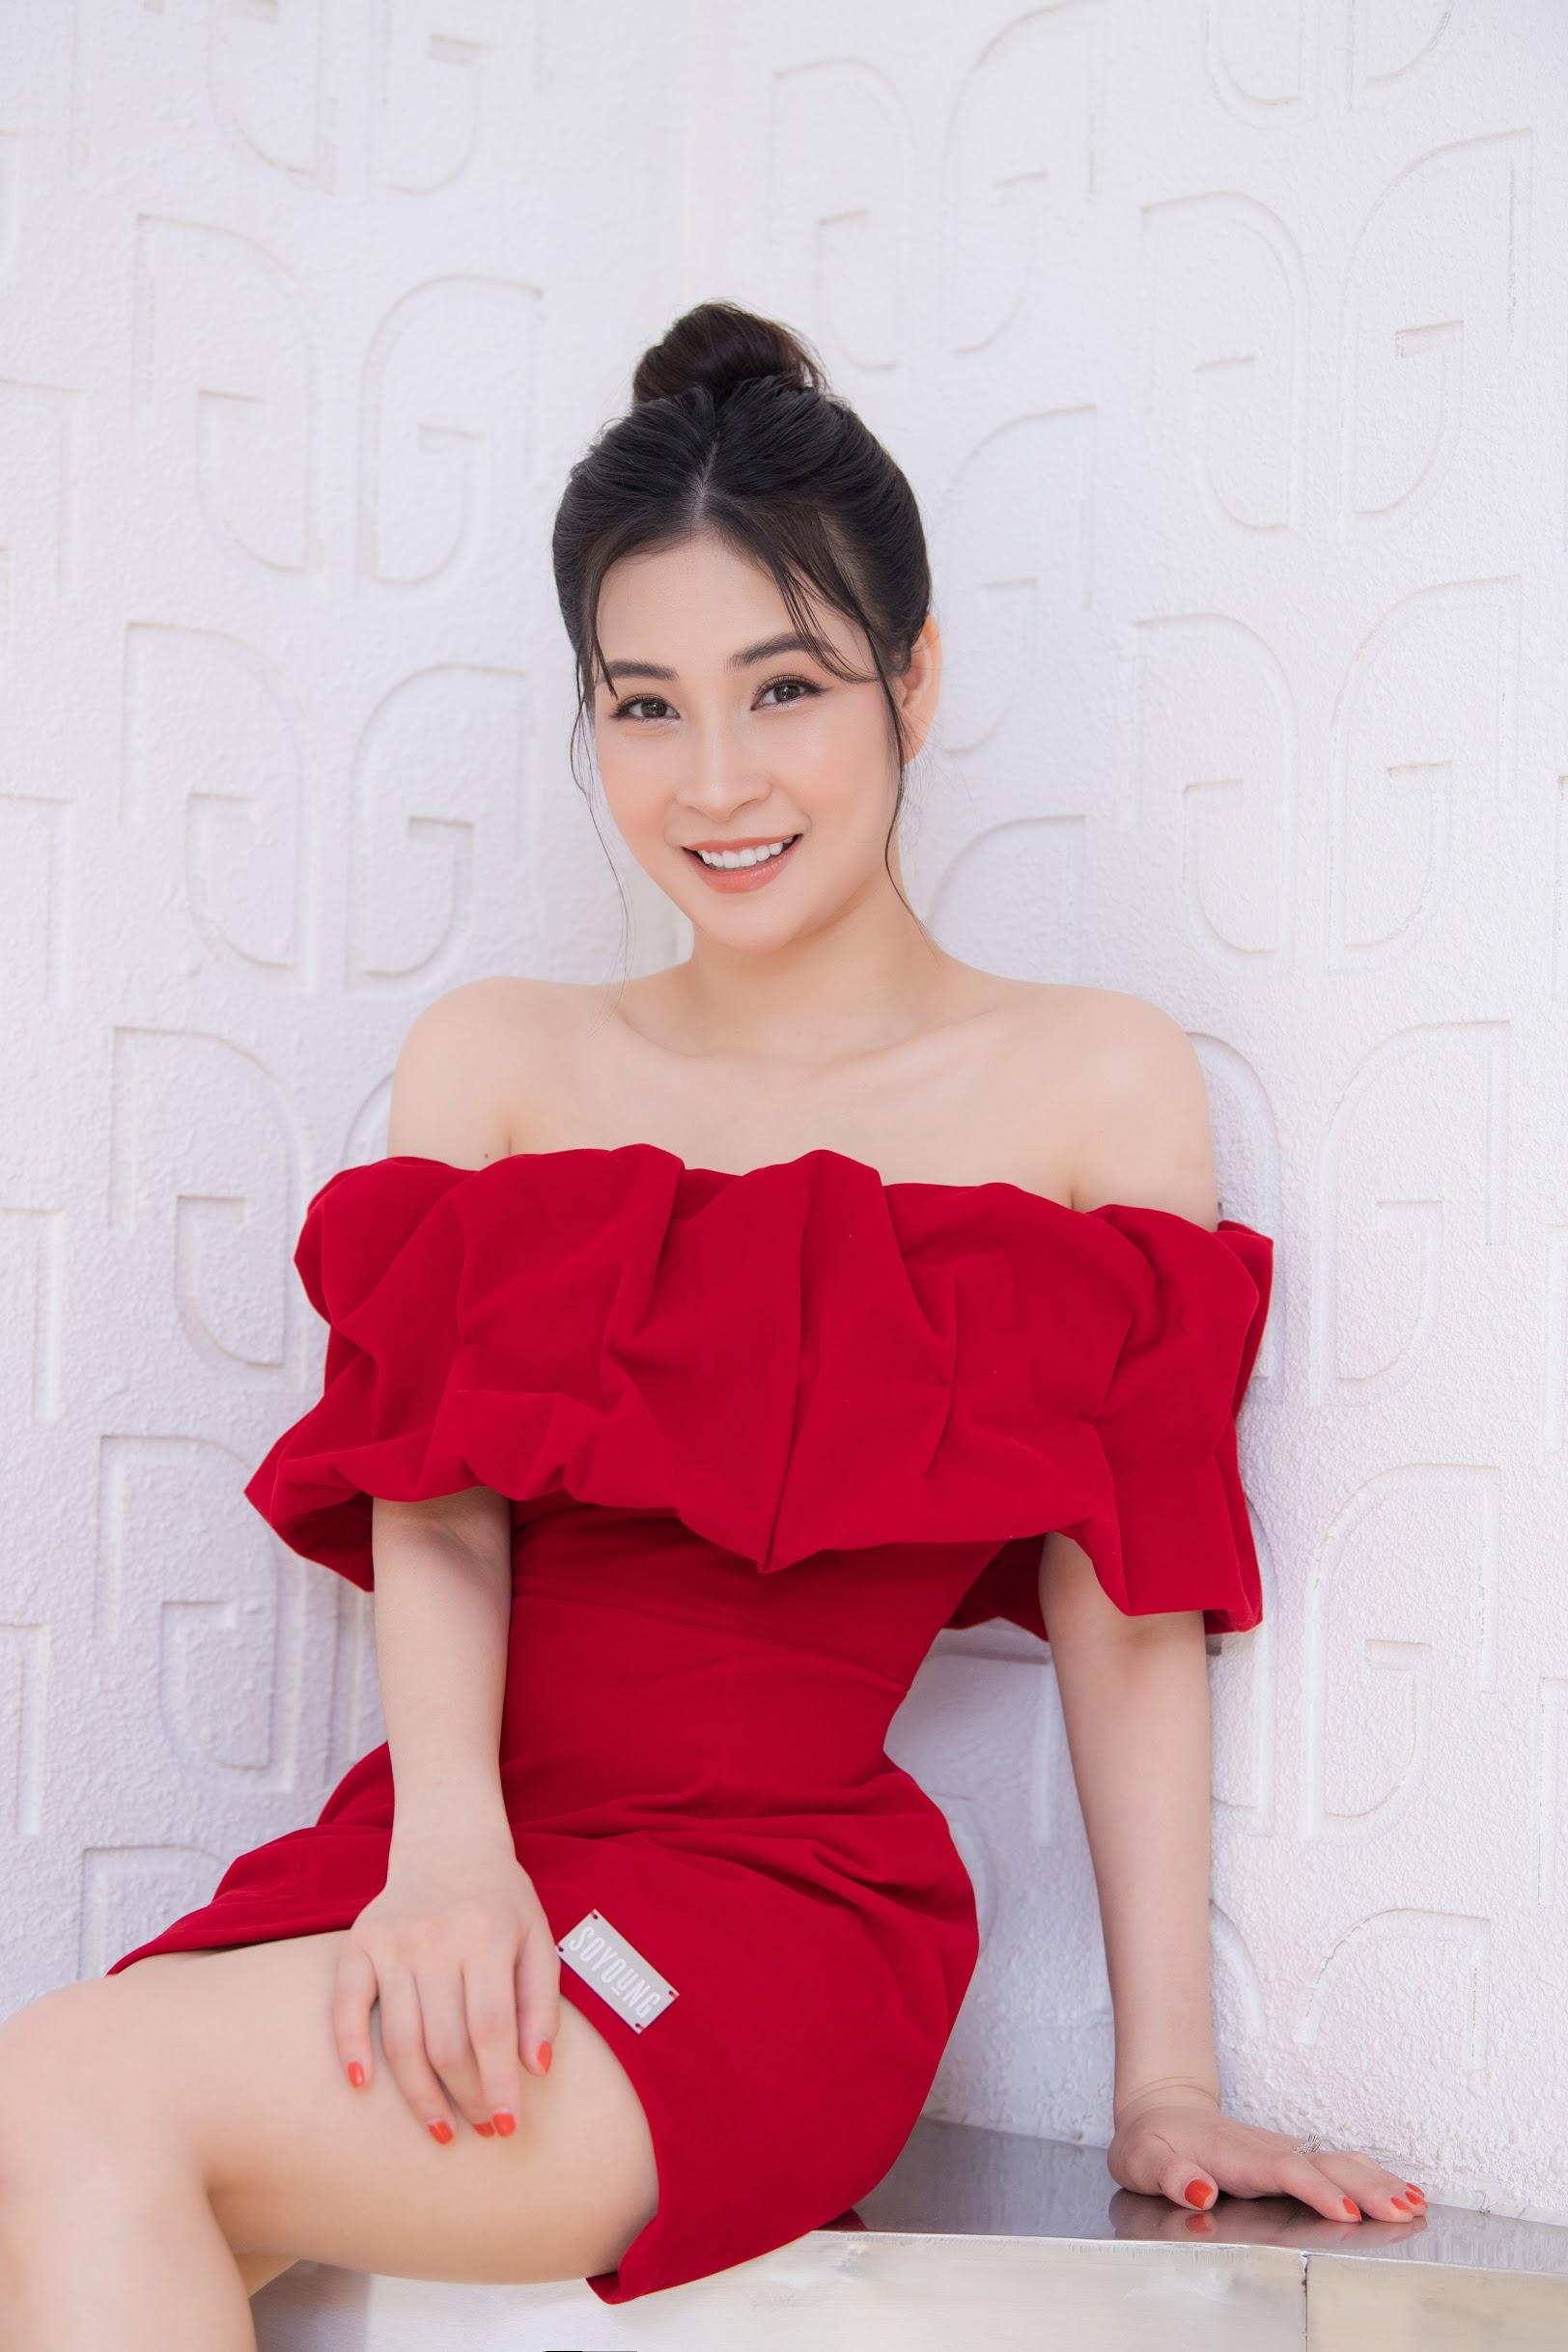 Hiện tại, ngoài việc tham gia biểu diễn tại các phòng trà, sân khấu, Thiên My vẫn đều đặn góp mặt trong các dự án phim ảnh phù hợp.